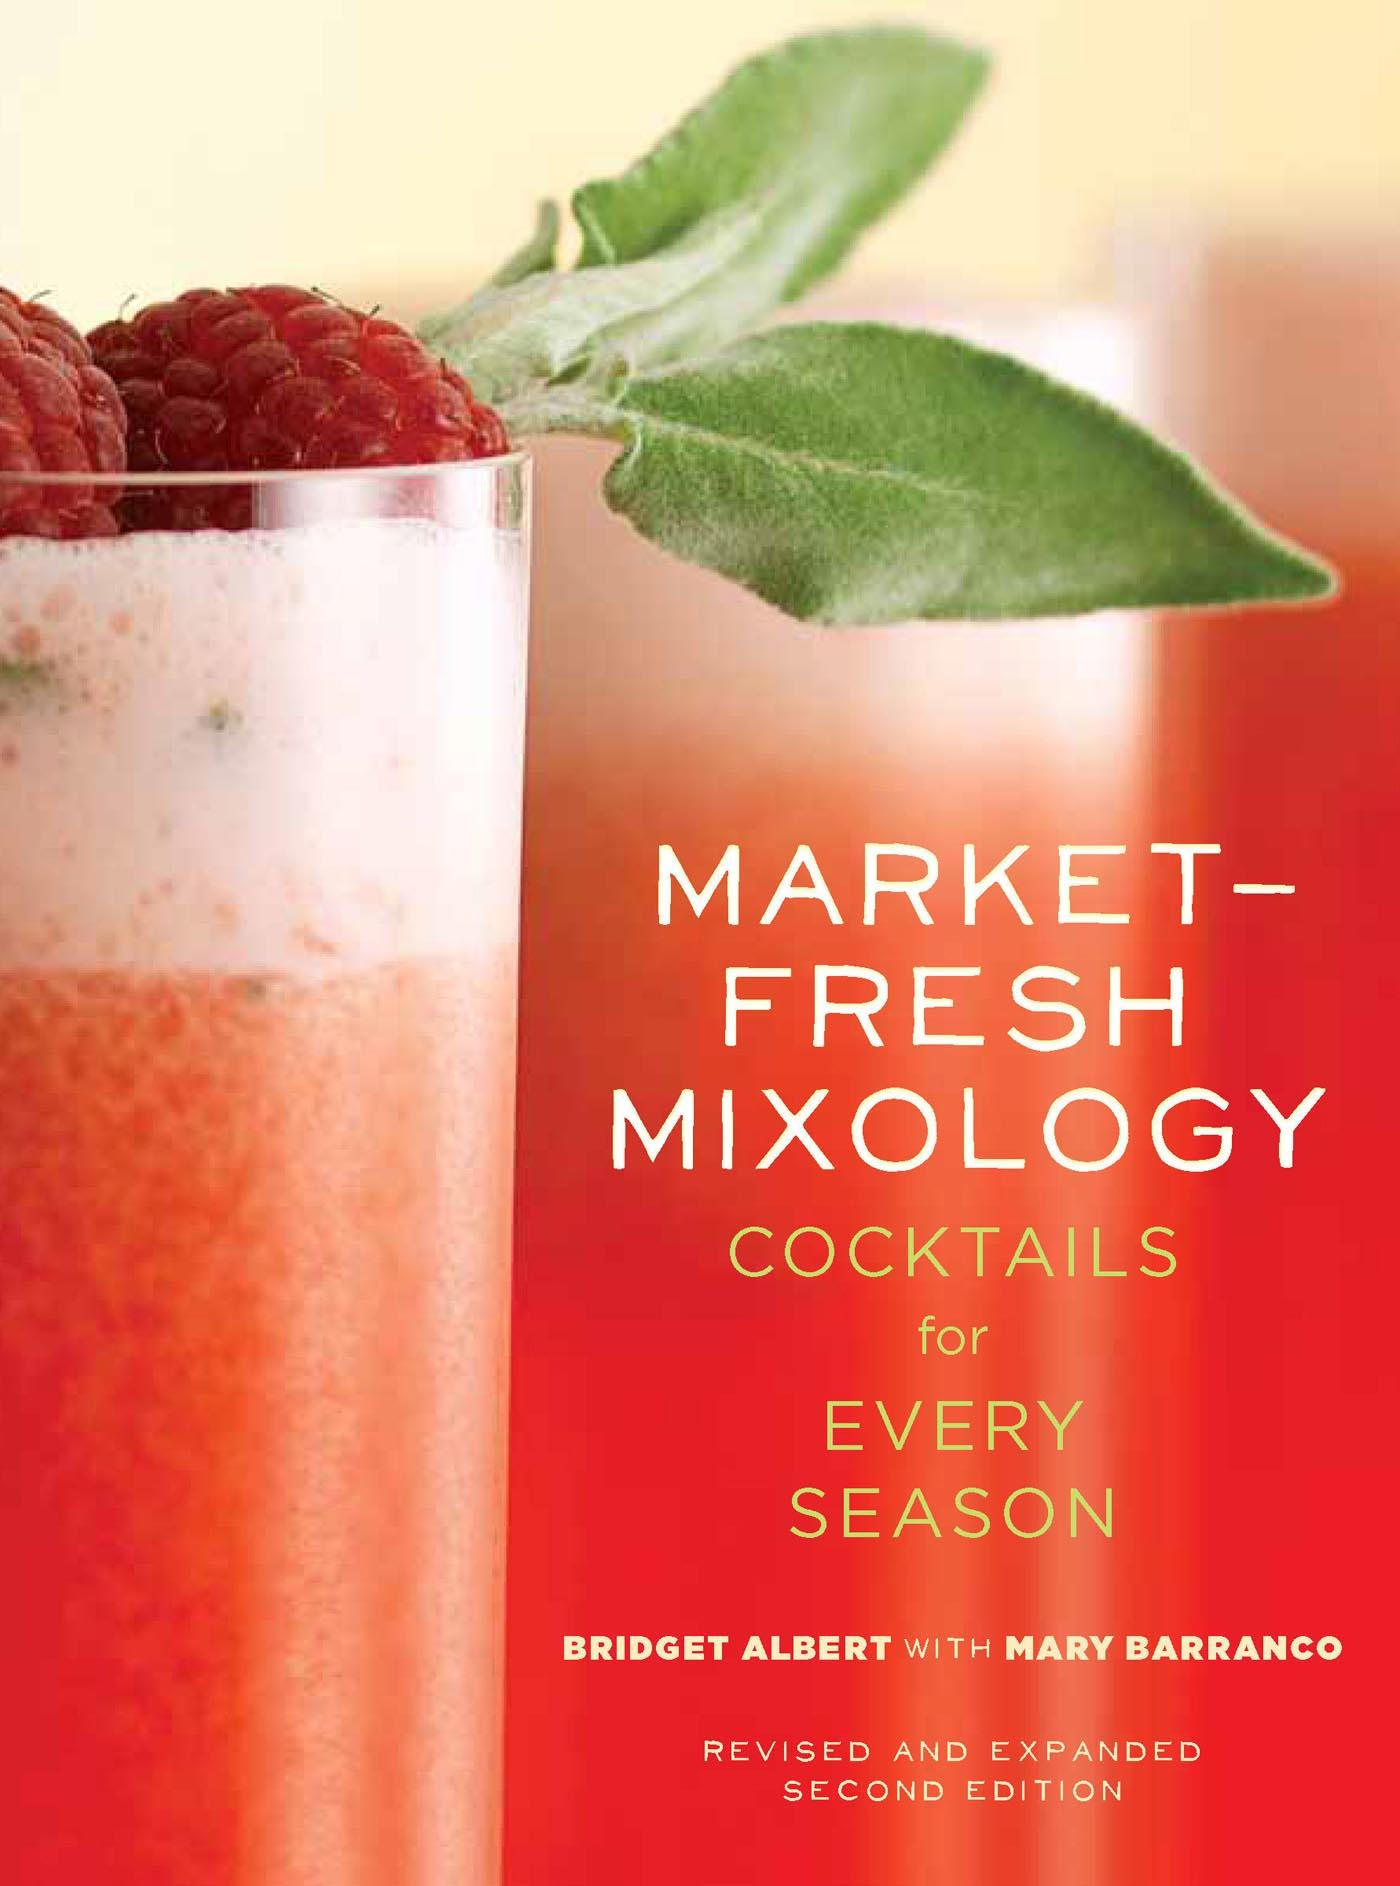 Market Fresh Mixology cookbook